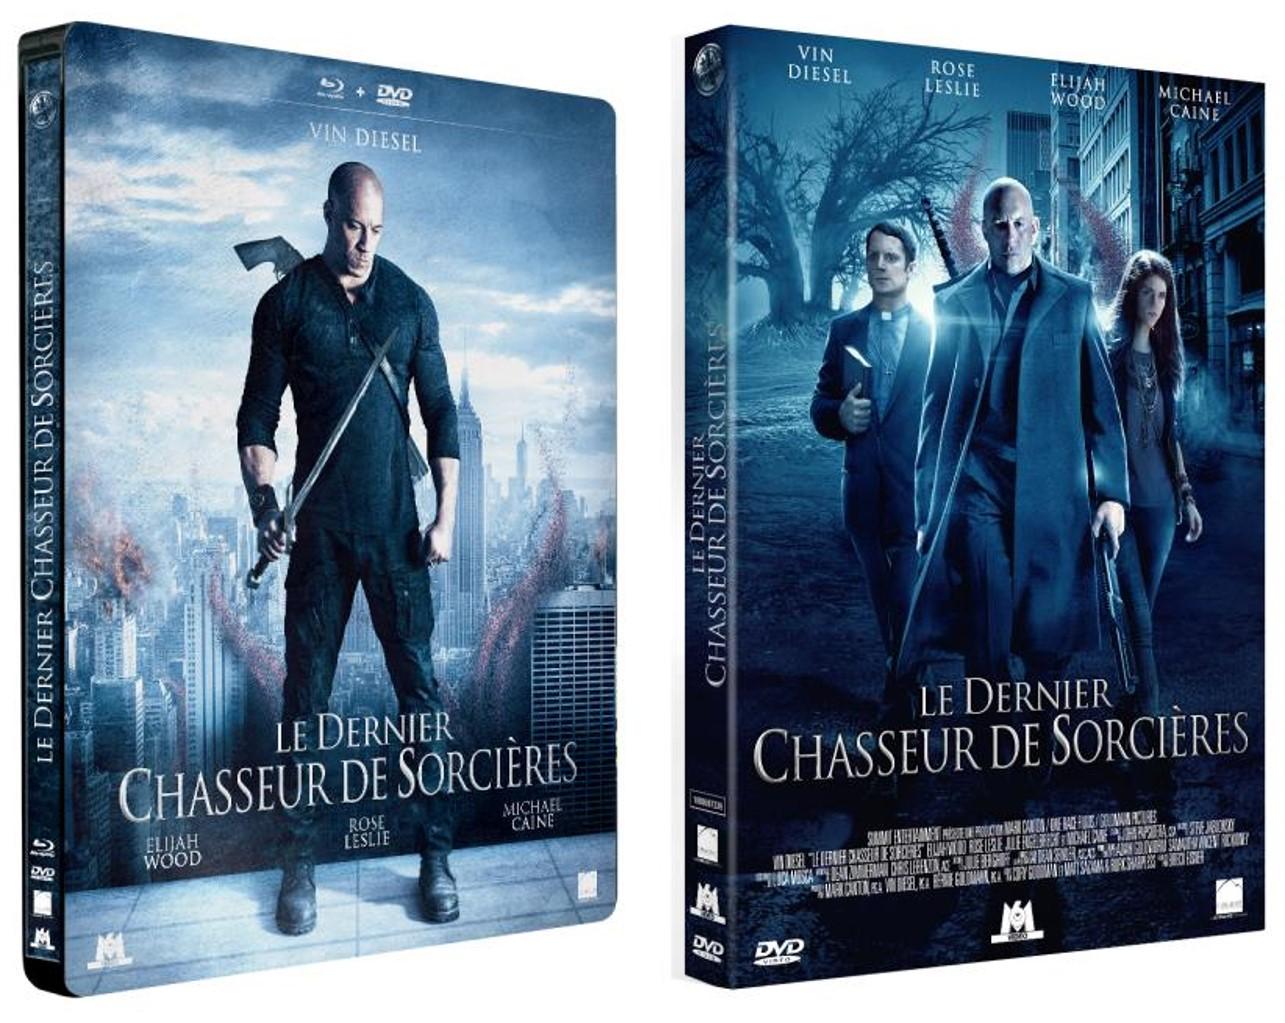 LE DERNIER CHASSEUR DE SORCIÈRES - Visuel Sortie Bluray DVD Steelbook VOD Mars 2016 Packshots - Go with the Blog